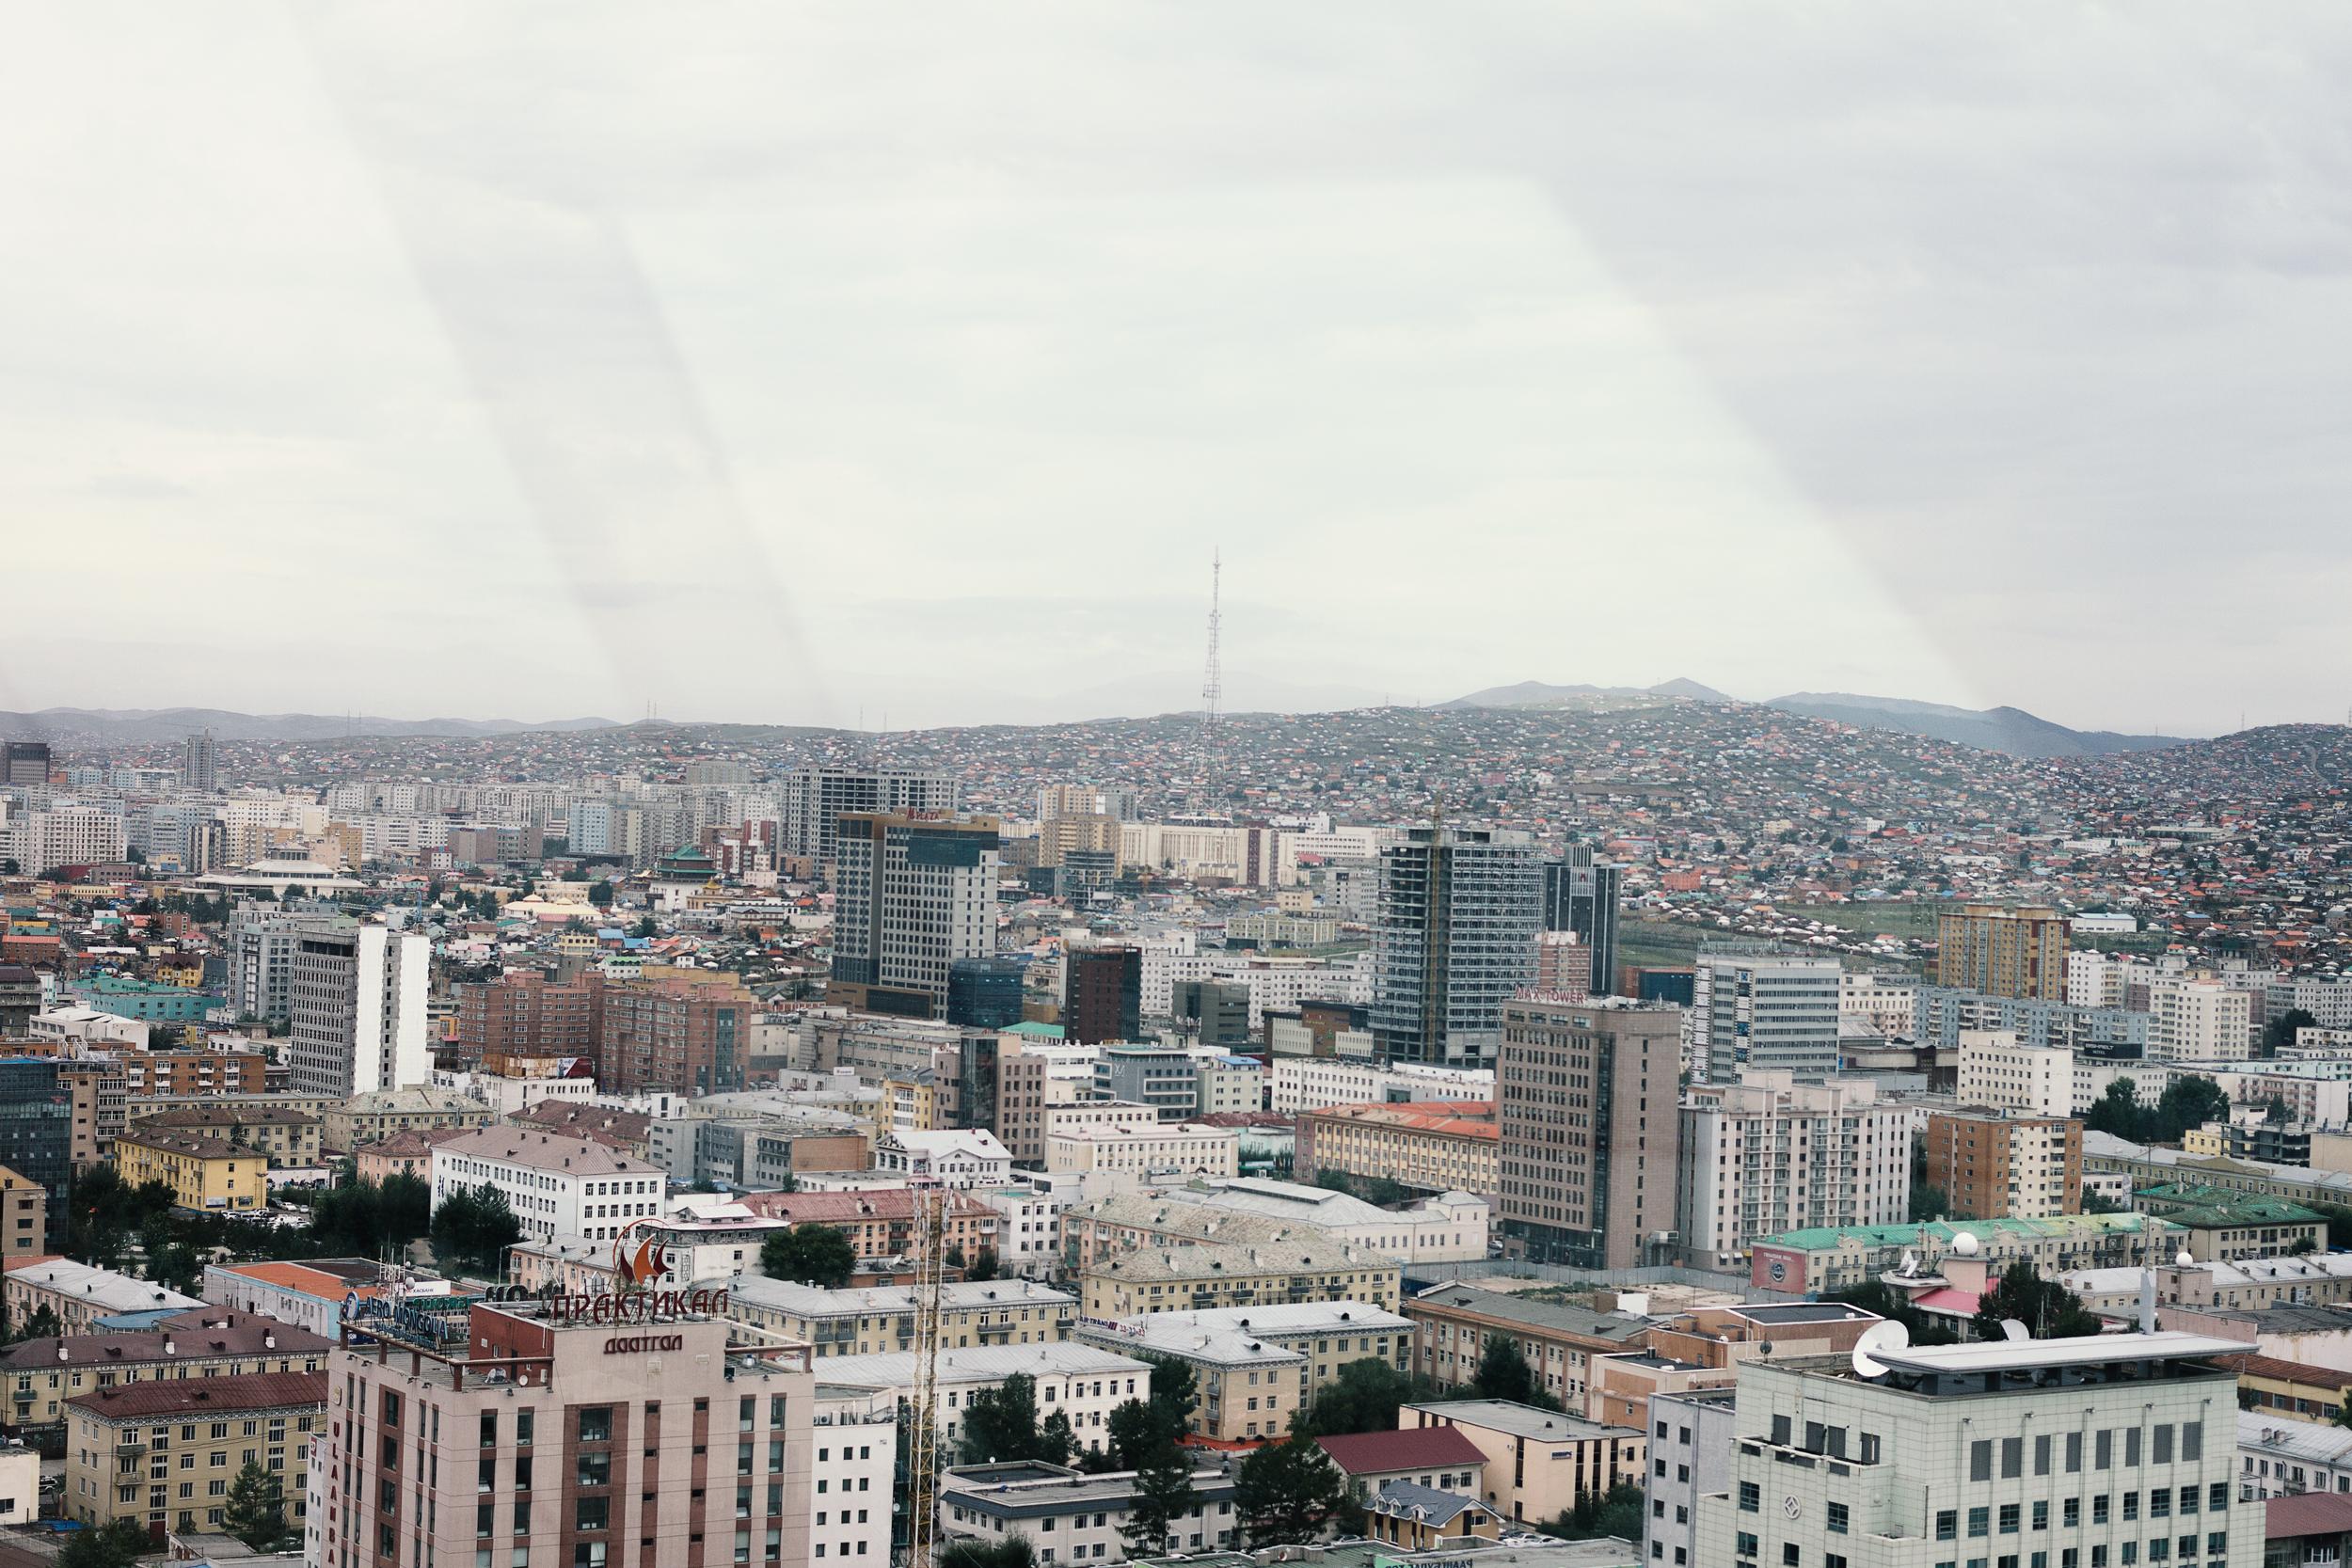 Utsikten fra en sky bar